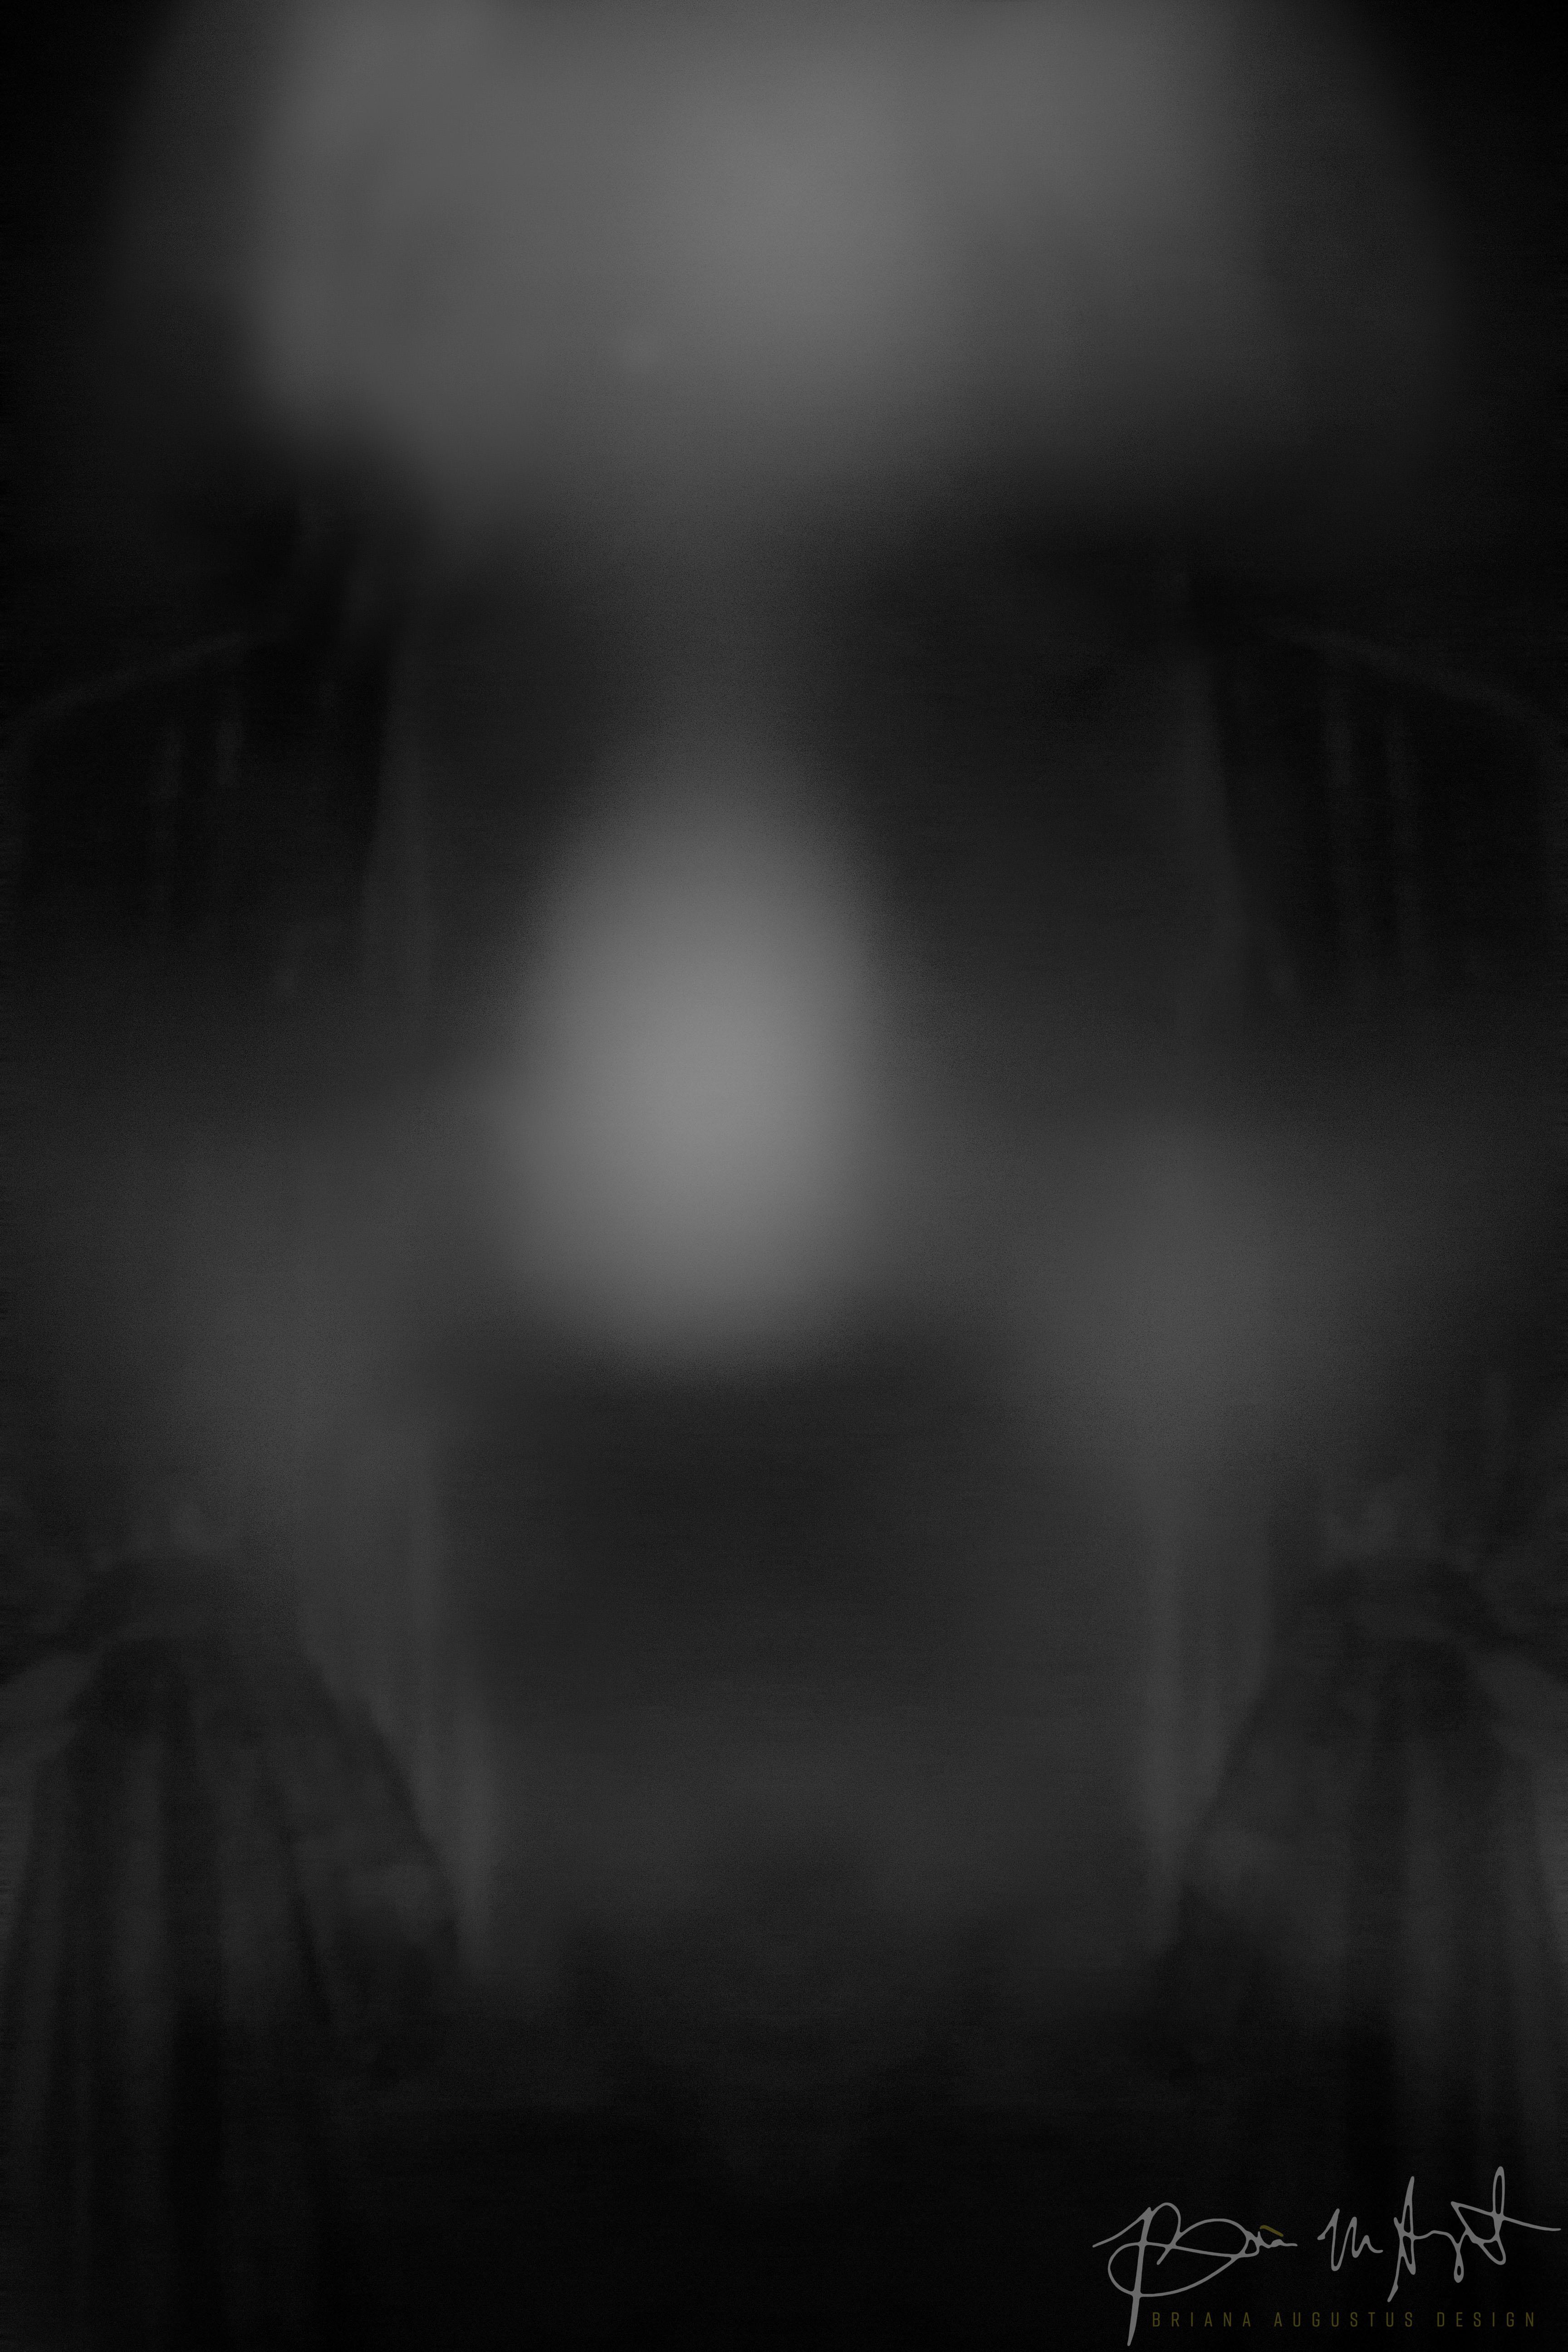 Ghost ii_PHEERS_1a052119_WATERMARKED1